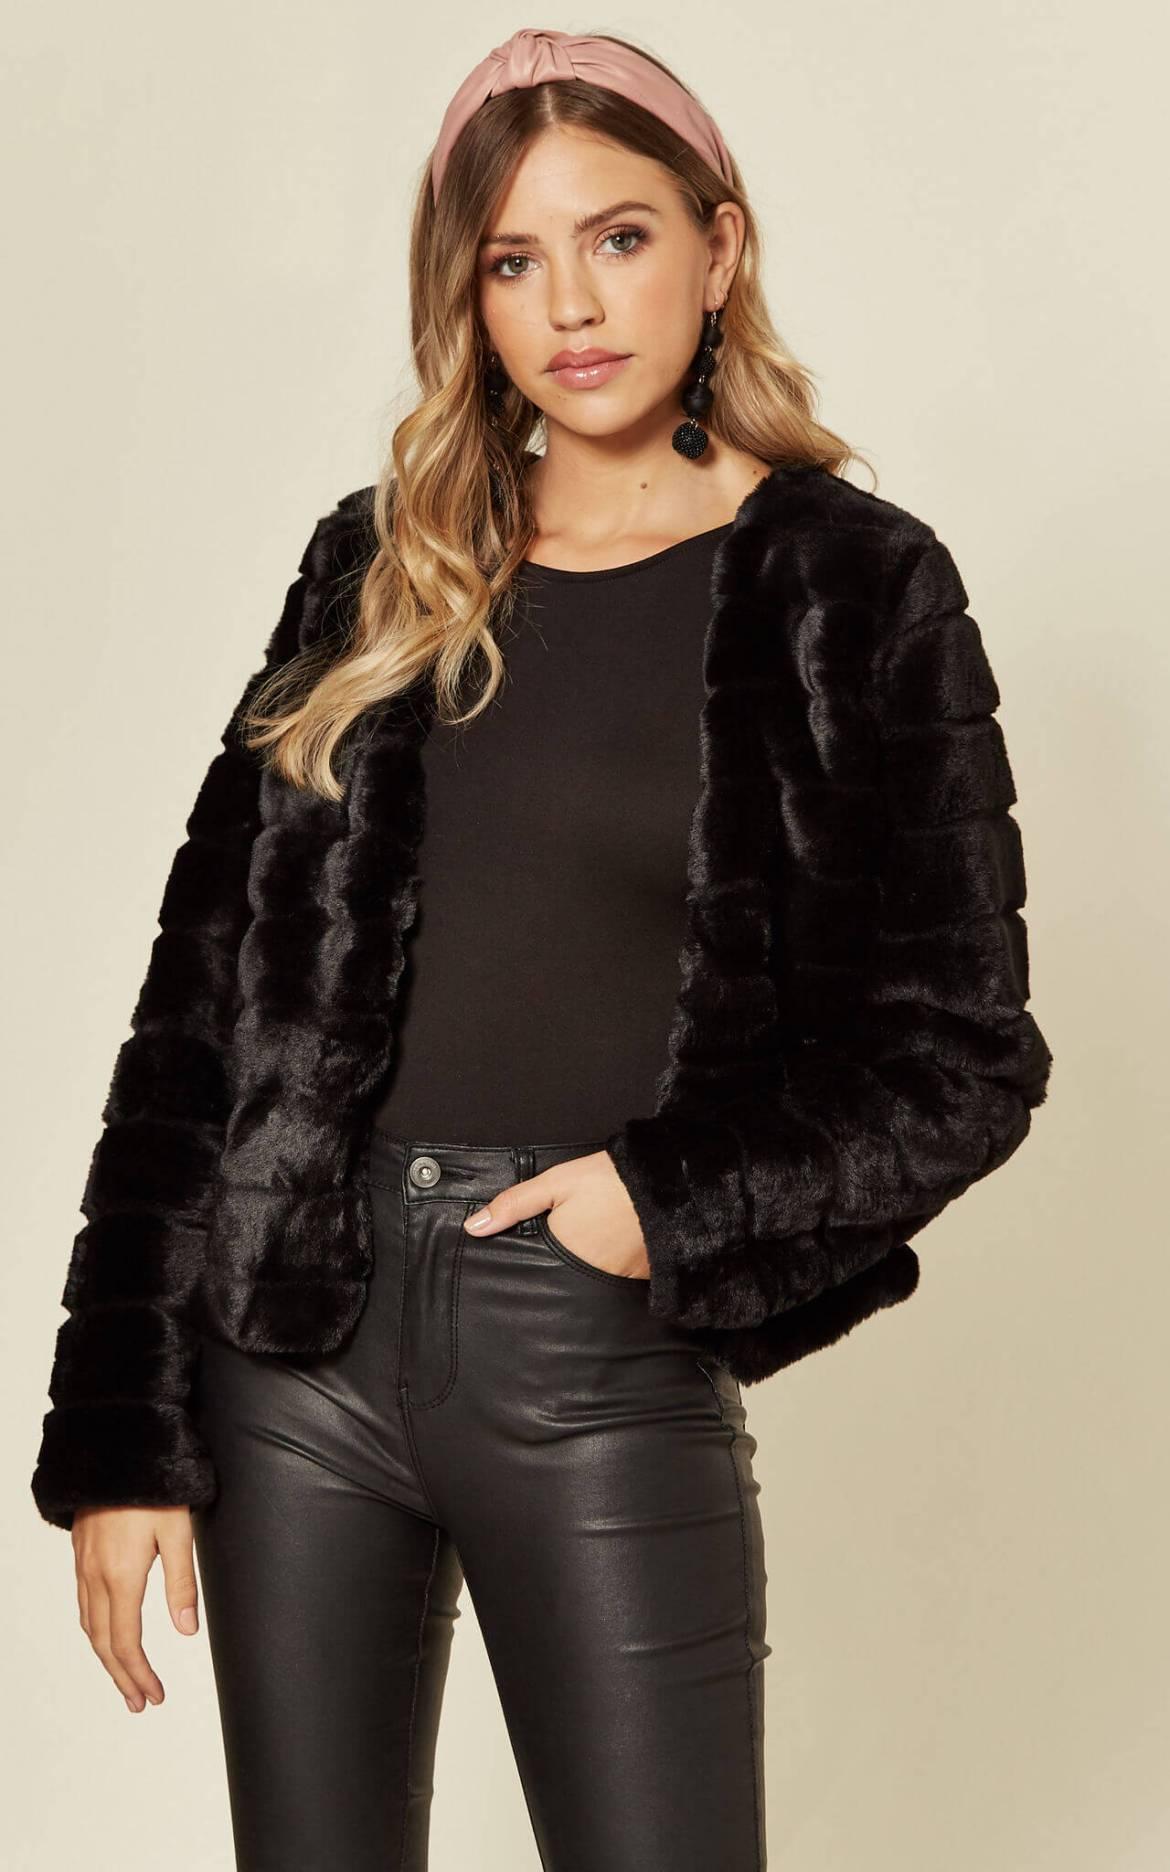 Model wears a collarless black faux fur coat